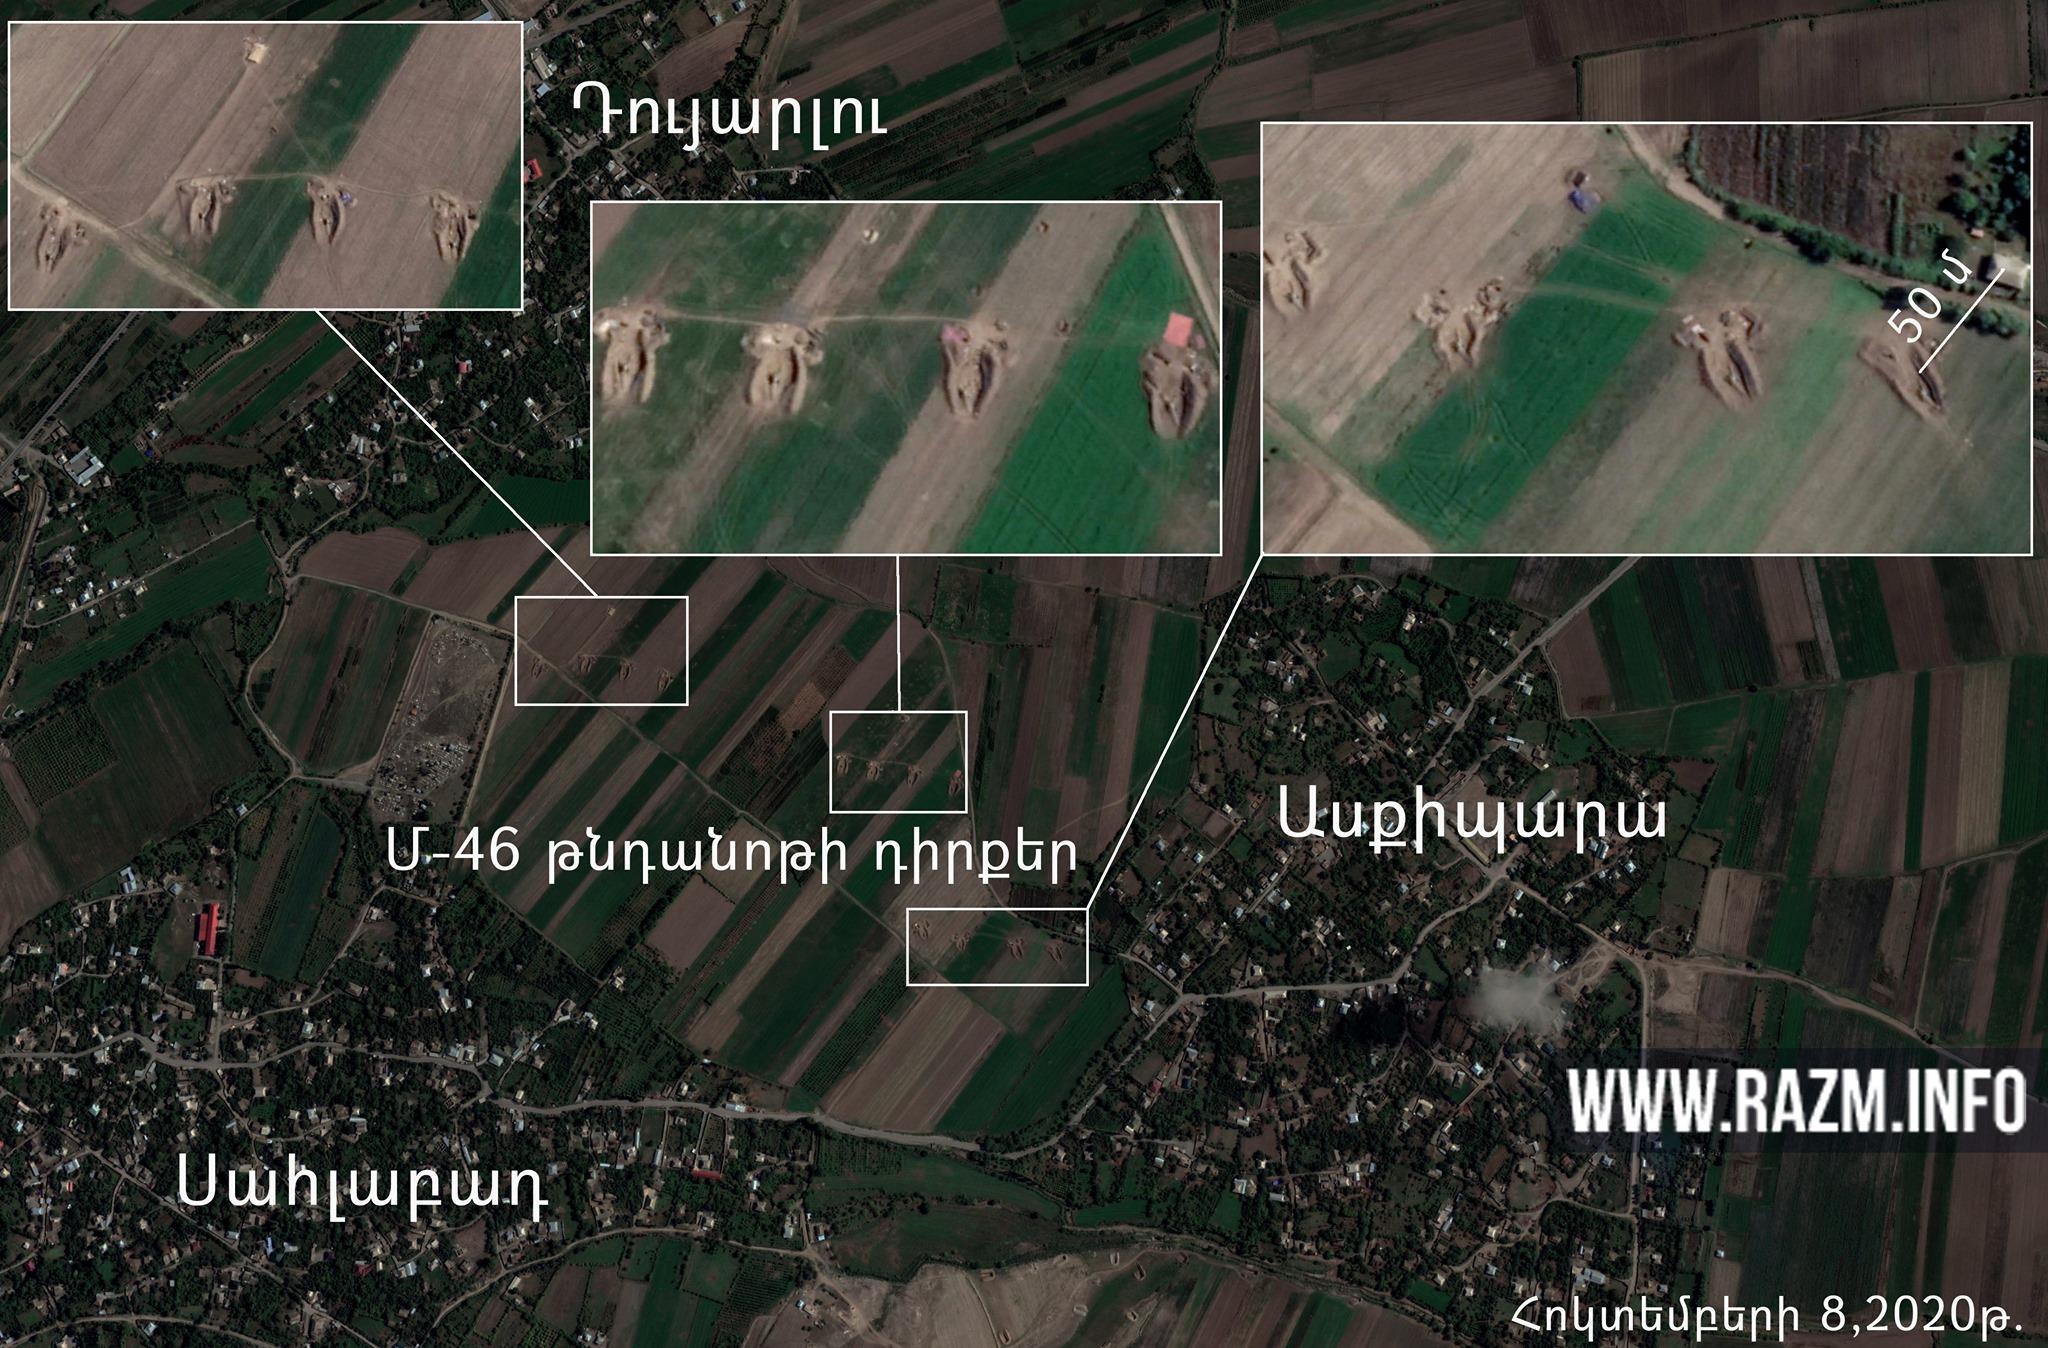 Photo of Ադրբեջանցիները շարունակում են սեփական հրետանային միջոցները տեղակայել սեփական գյուղերի հարևանությամբ. Razm.info